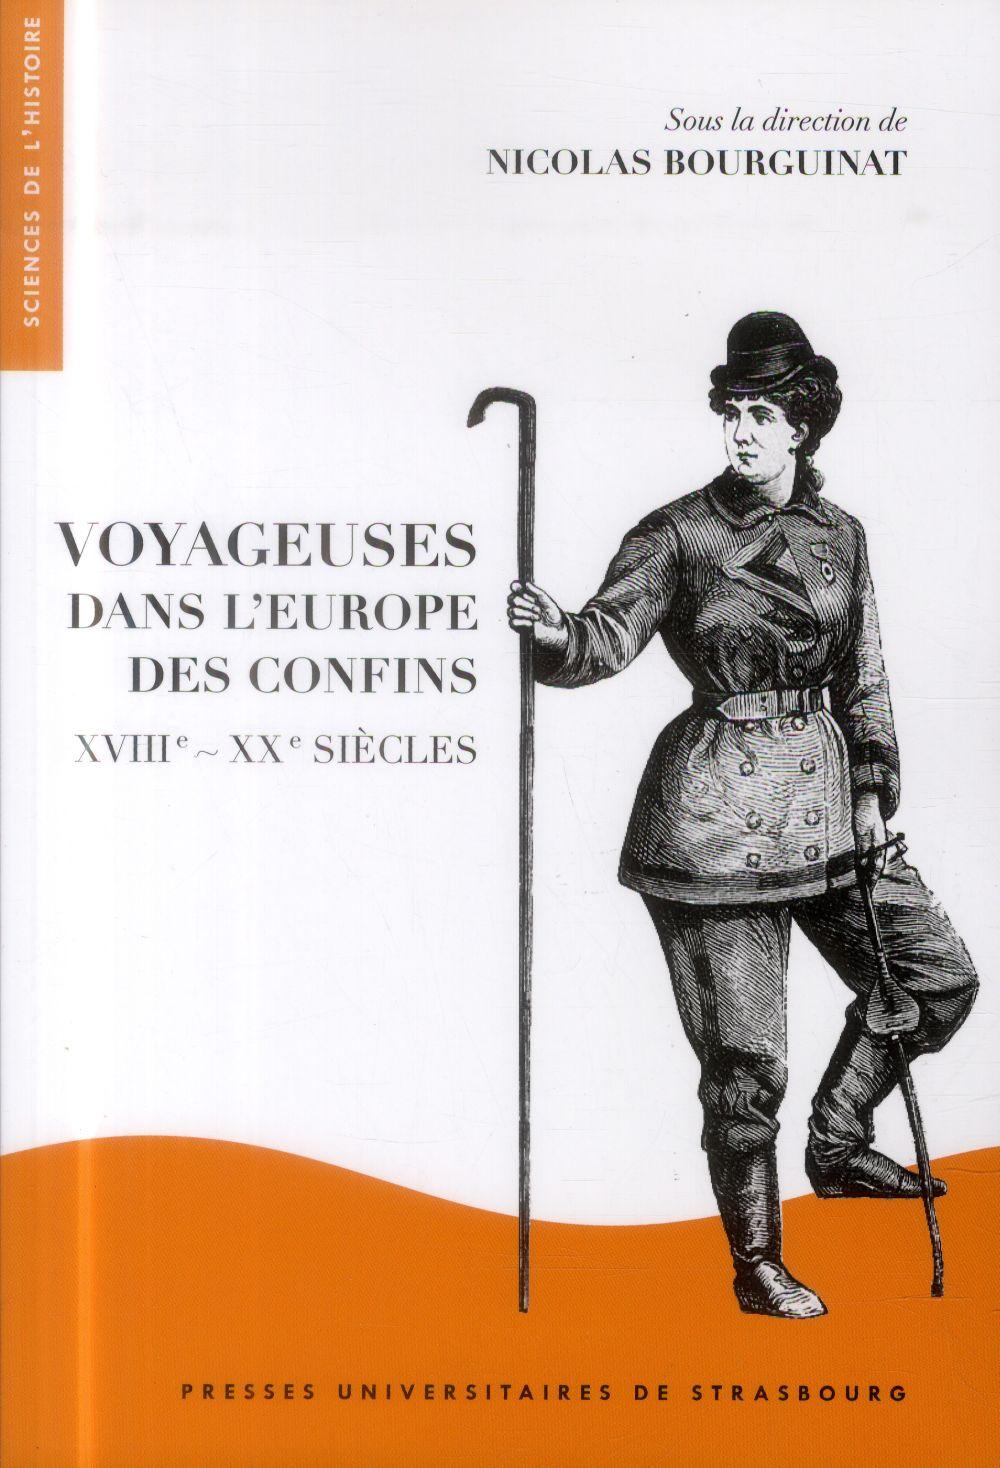 Voyageuses dans l'Europe des confins ; XVII-XX siècles